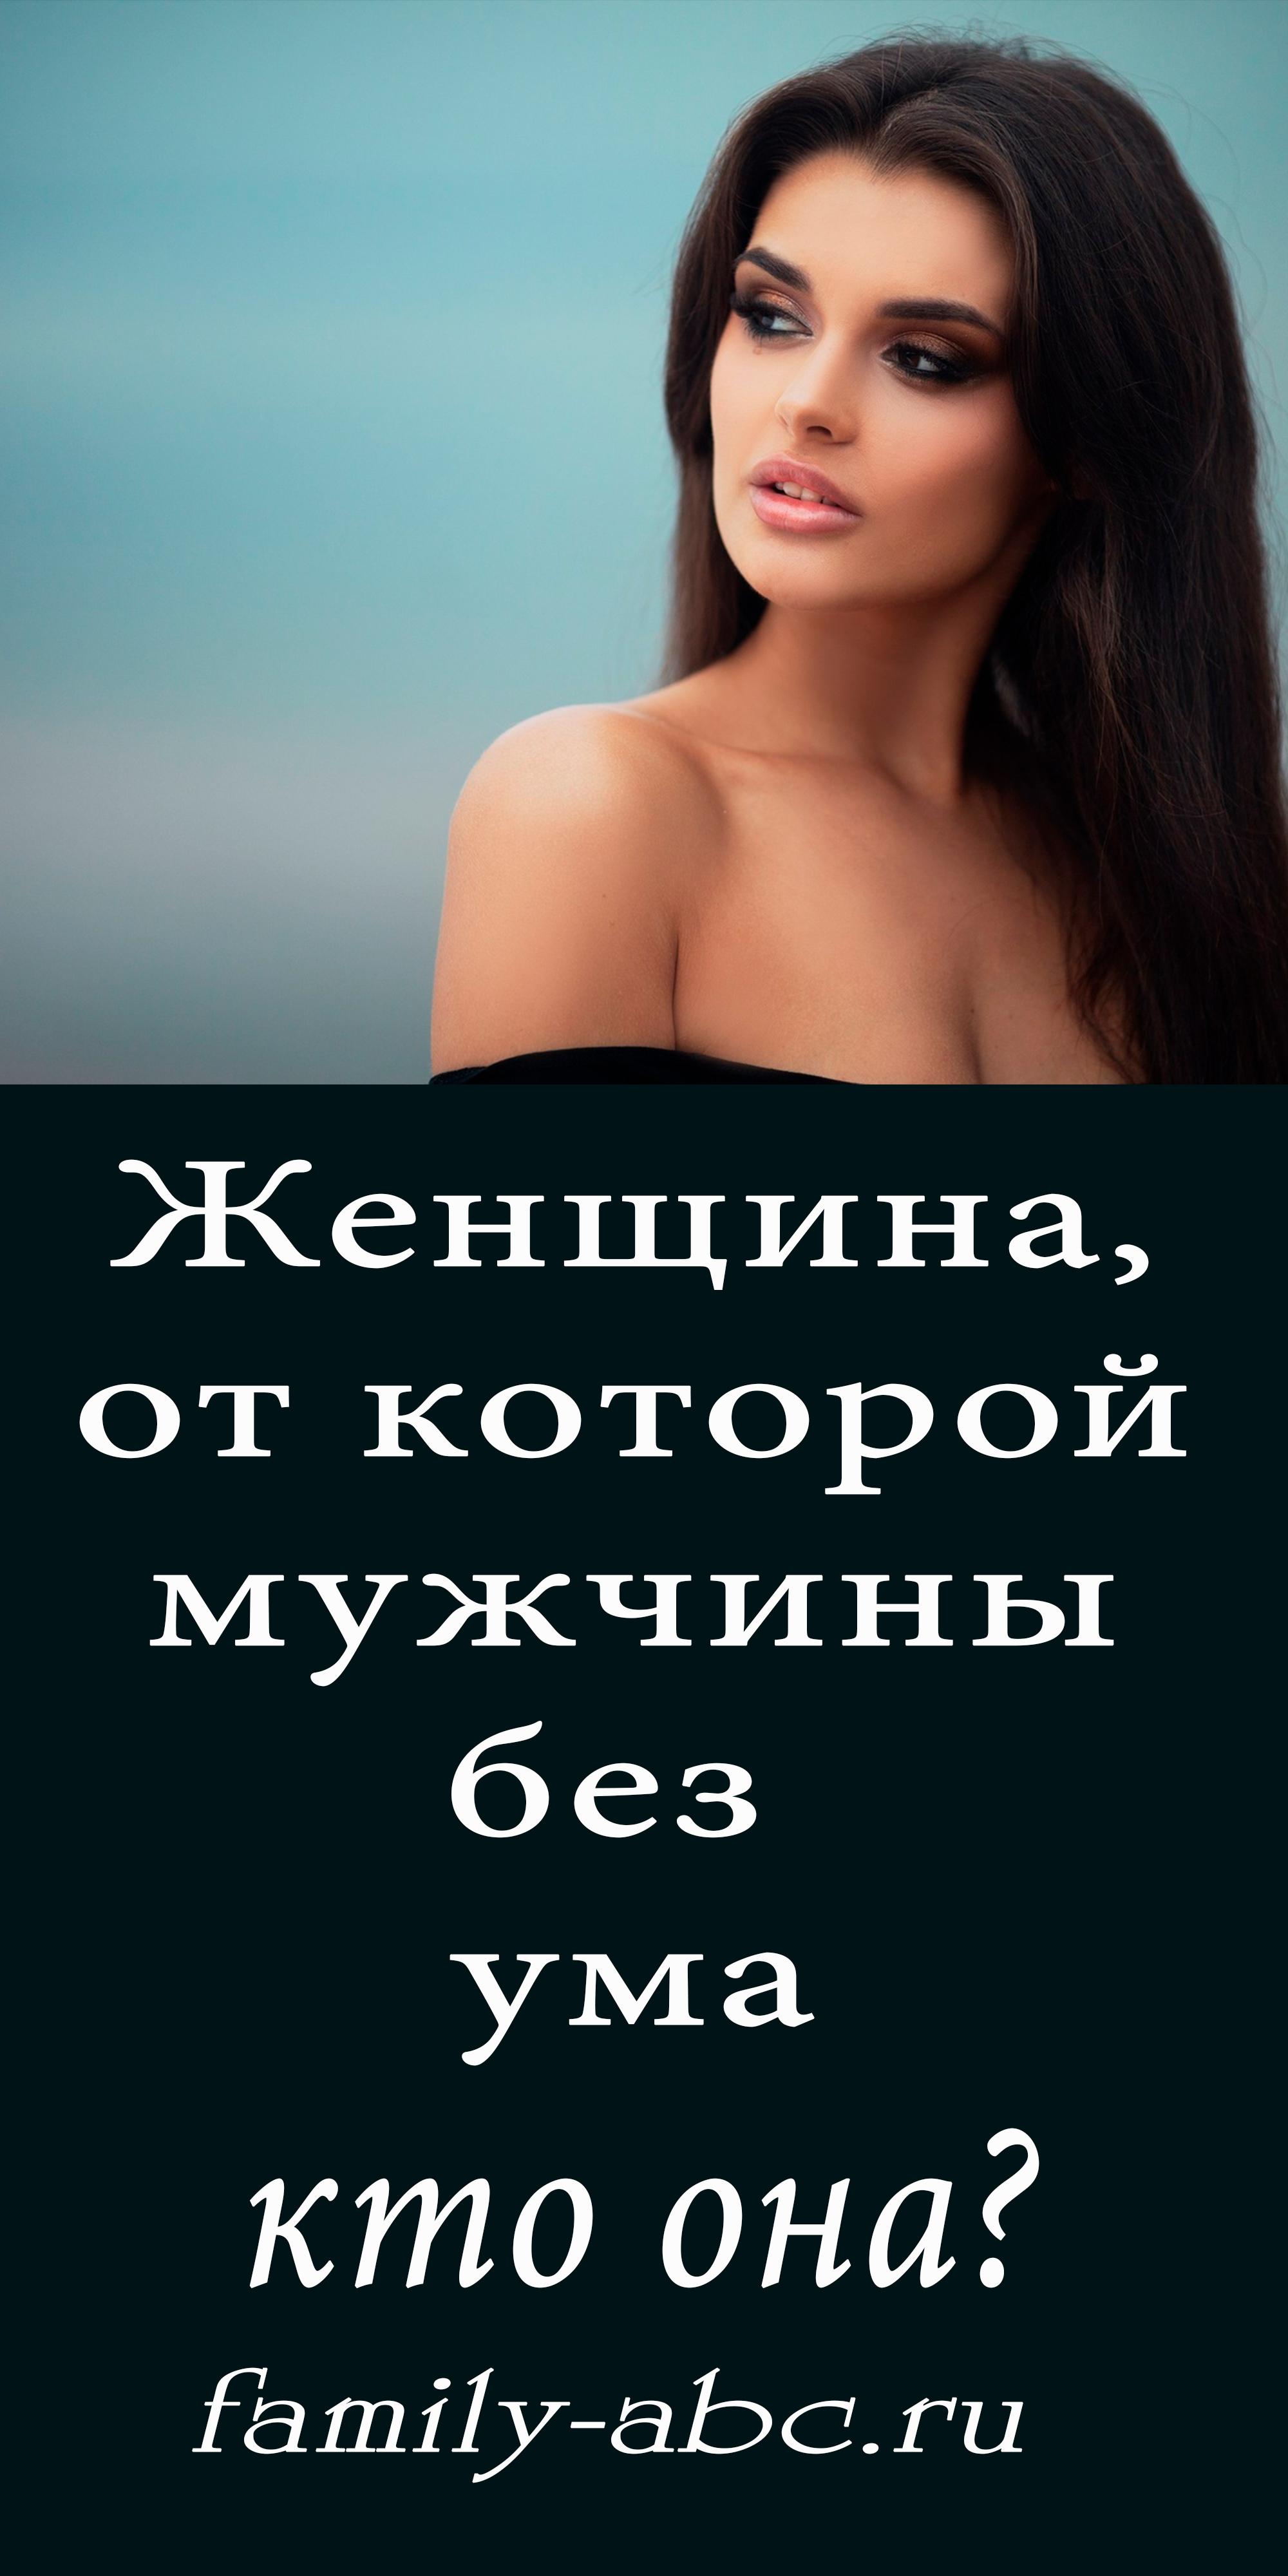 Женщина, от которой мужчины без ума: кто она?